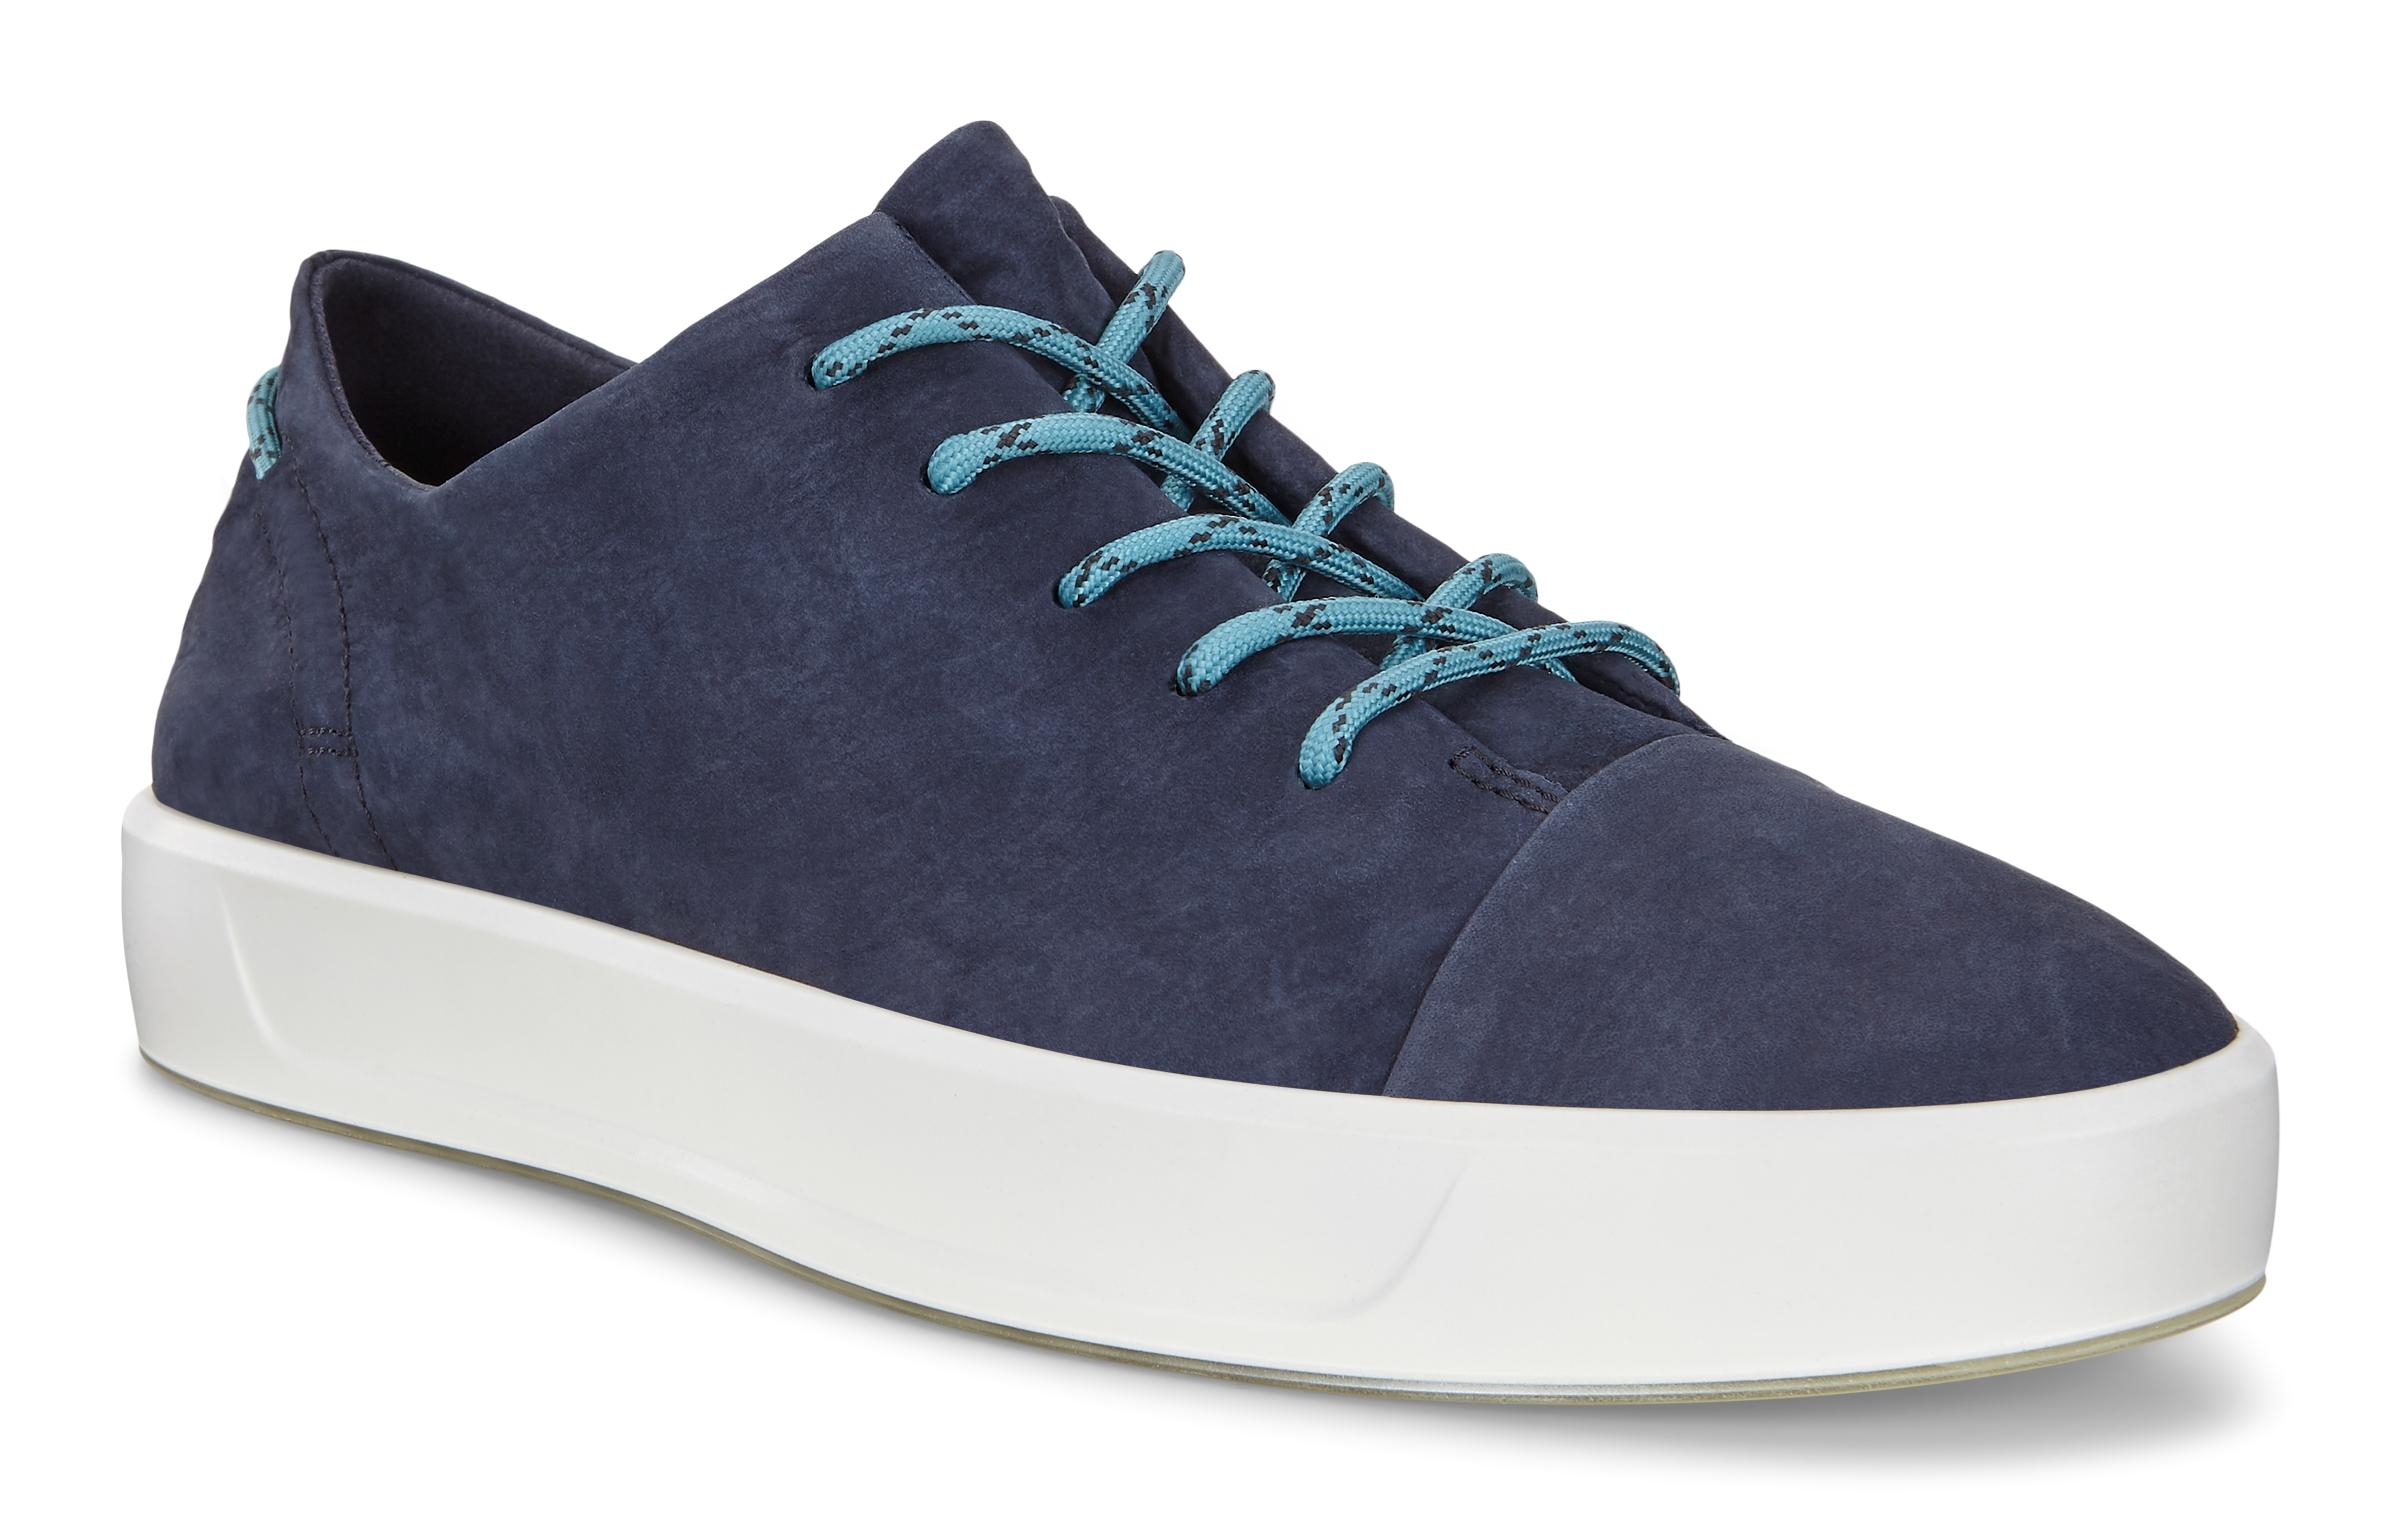 Offiziellen Einkaufen SchuheIm Shop Ecco® Herren y0N8Owvmn